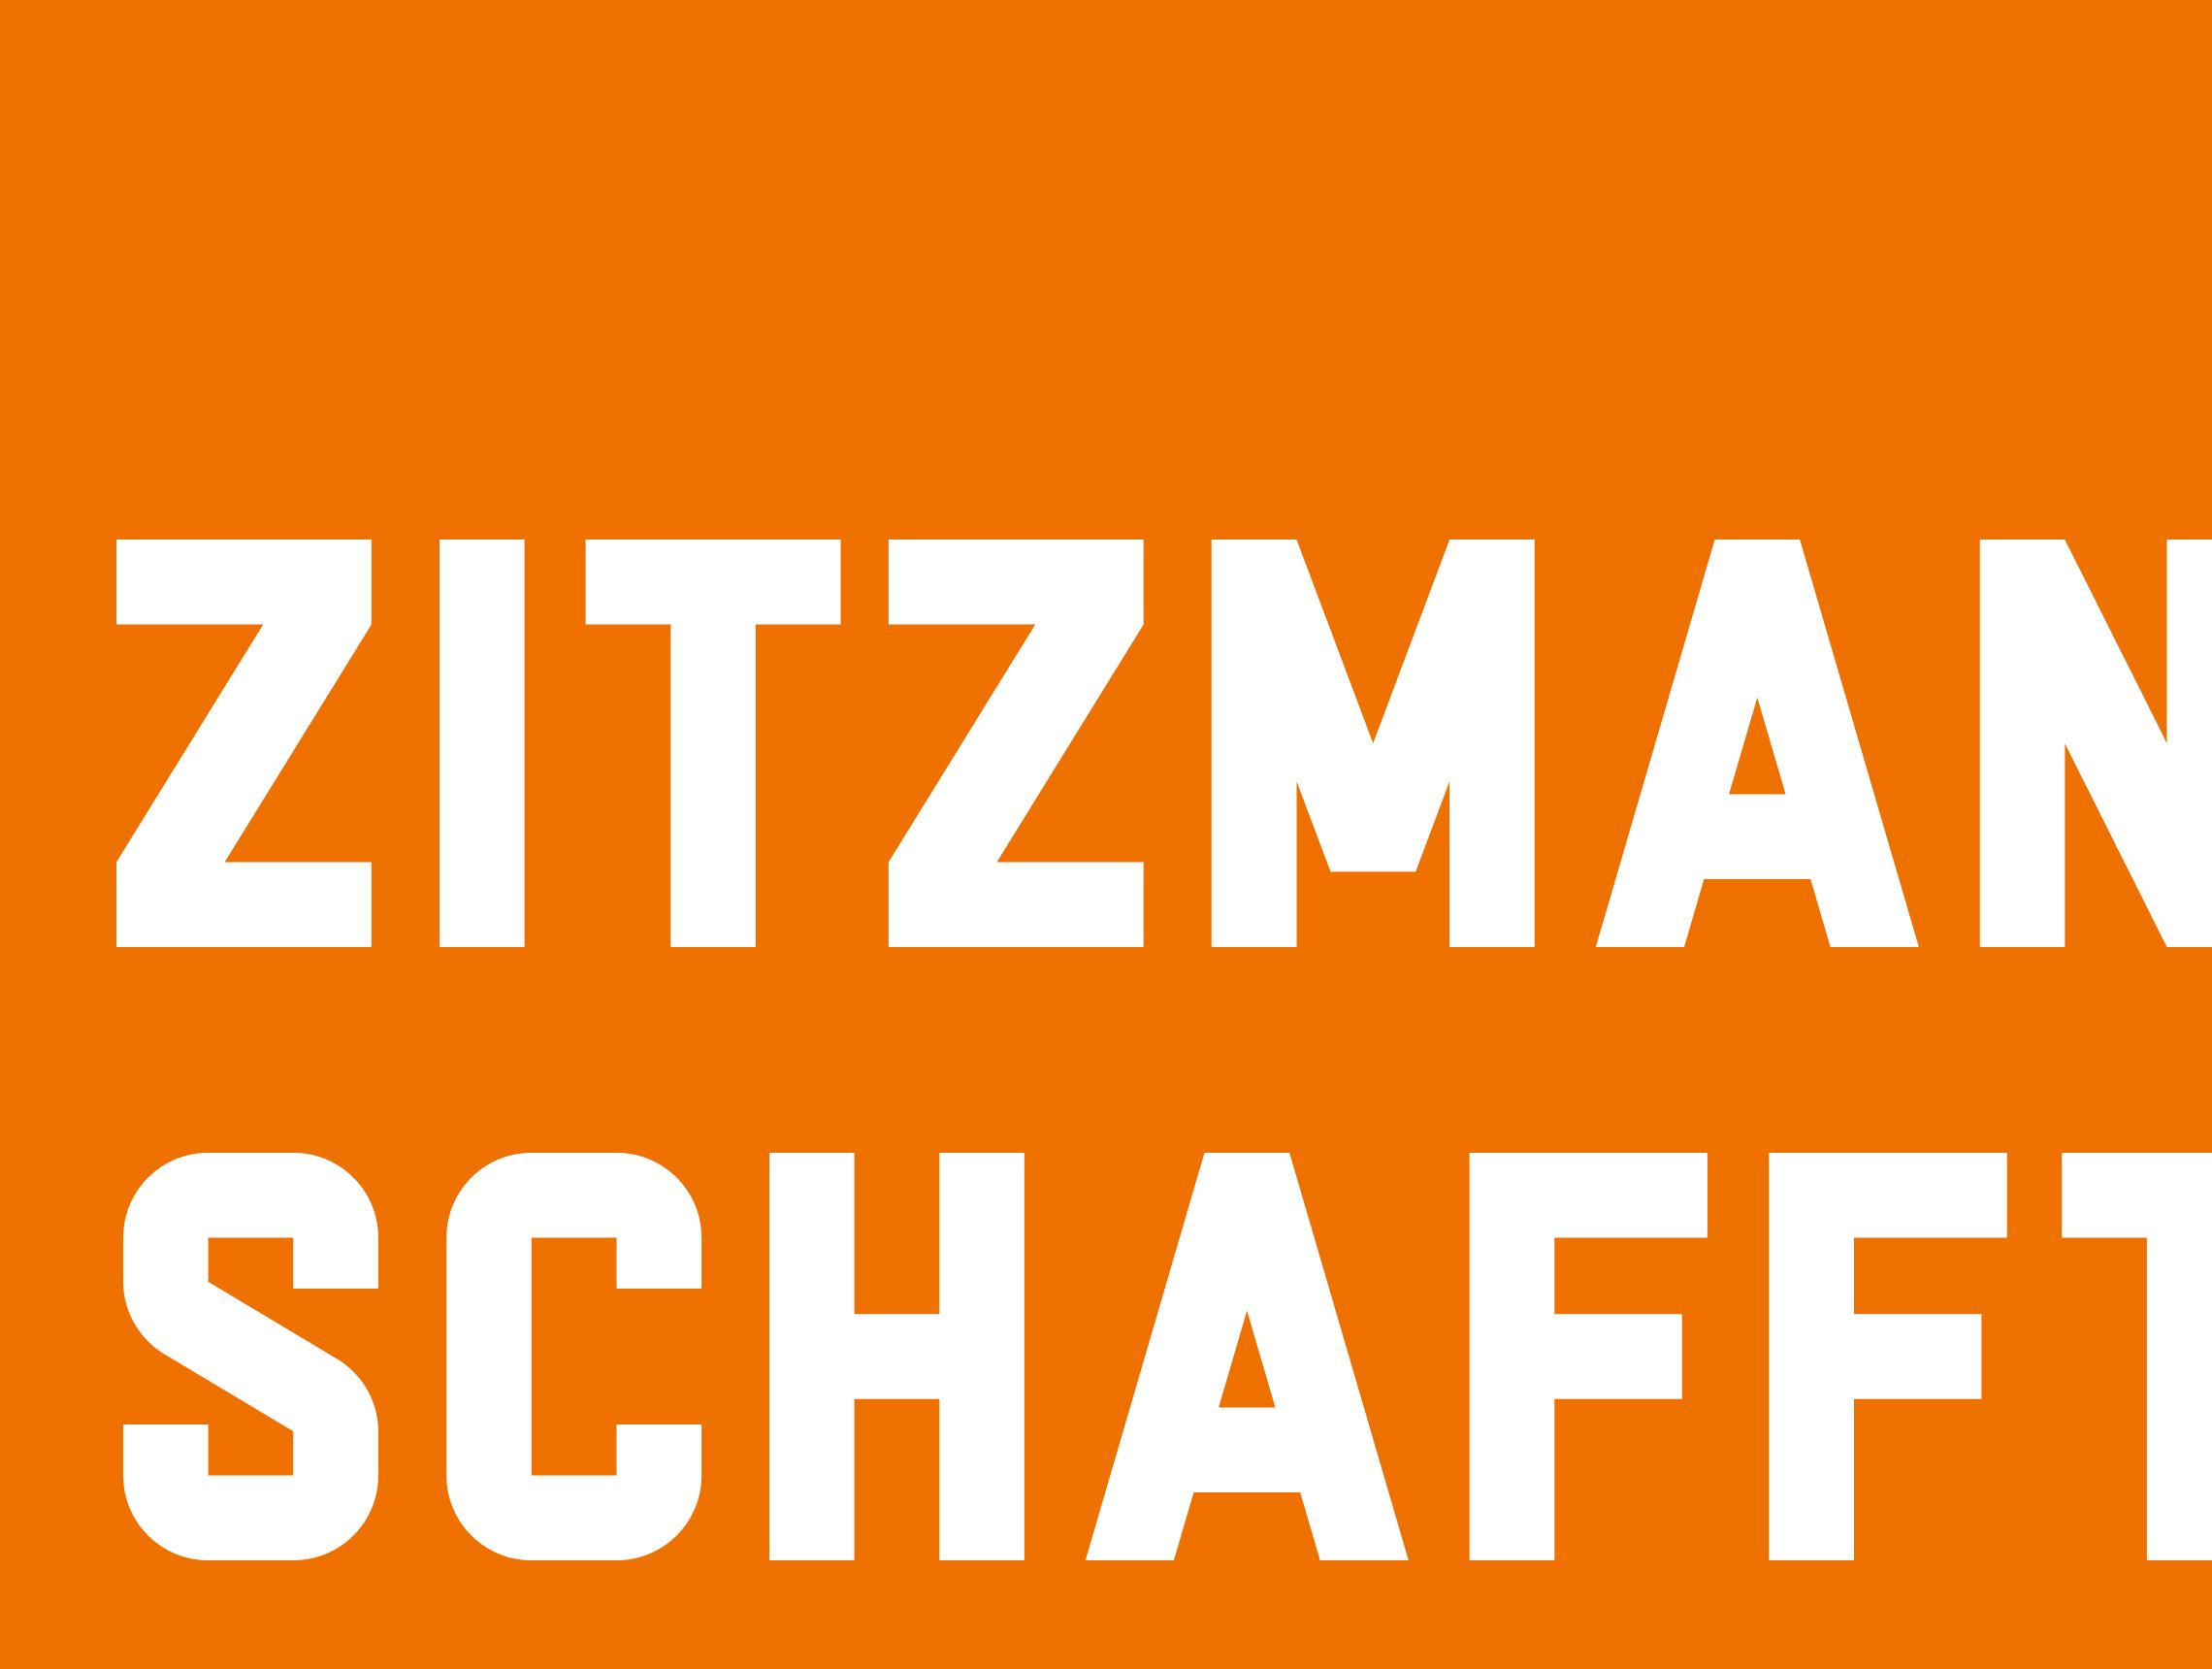 zitzmann_06